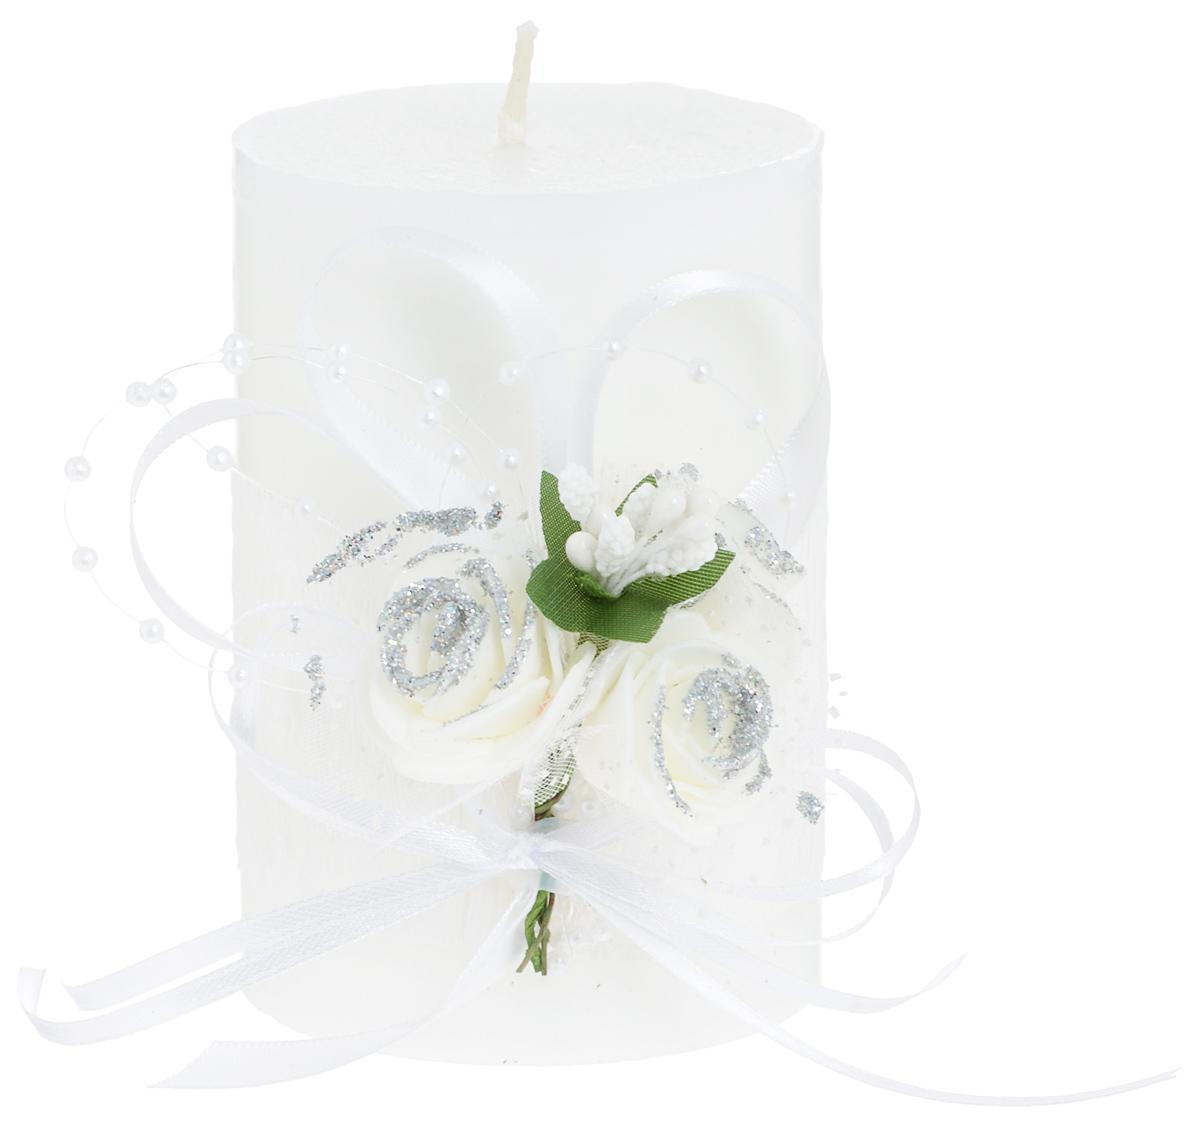 Свеча декоративная Win Max Свадебная, высота 10 см. 94704PS009-BСвеча декоративная Win Max Свадебная выполнена из парафина белого цвета. Изделие выполнено в форме столбика и декорировано композицией из цветов и ленточек.Свеча будет вас радовать и достойно украсит интерьер. Вы можете поставить свечу в любом месте, где она будет удачно смотреться и радовать глаз. Кроме того, эта свеча - отличный вариант подарка для ваших близких и друзей.Диаметр свечи: 7 см.